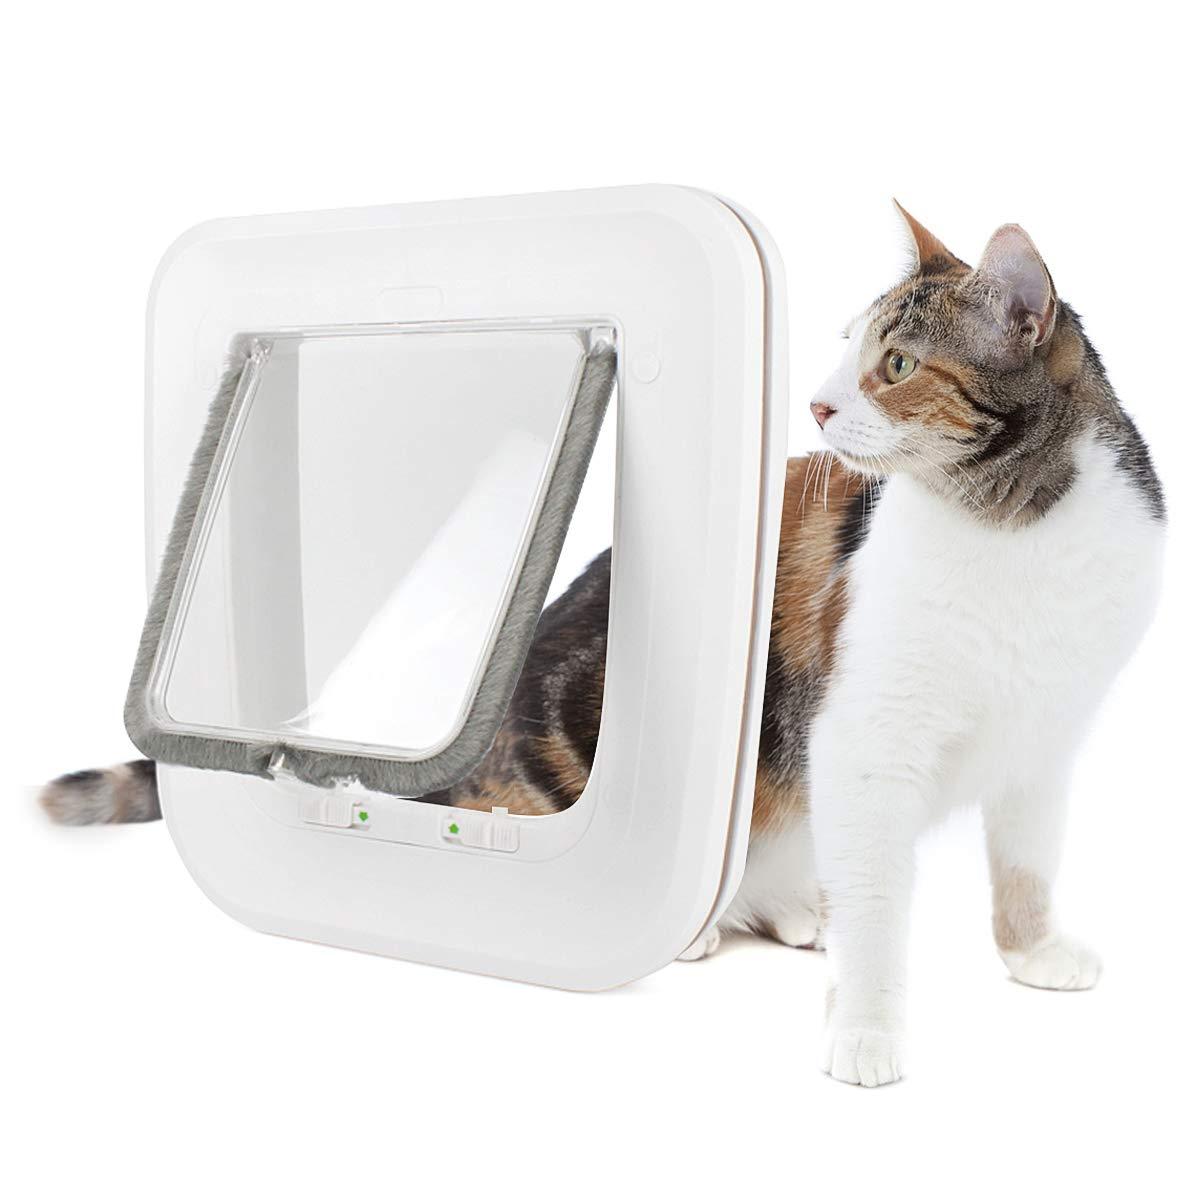 Namsan Pet Cat Door - 4 Way Locking Cat Flap with Door/Window for Puppuy Cats by Namsan